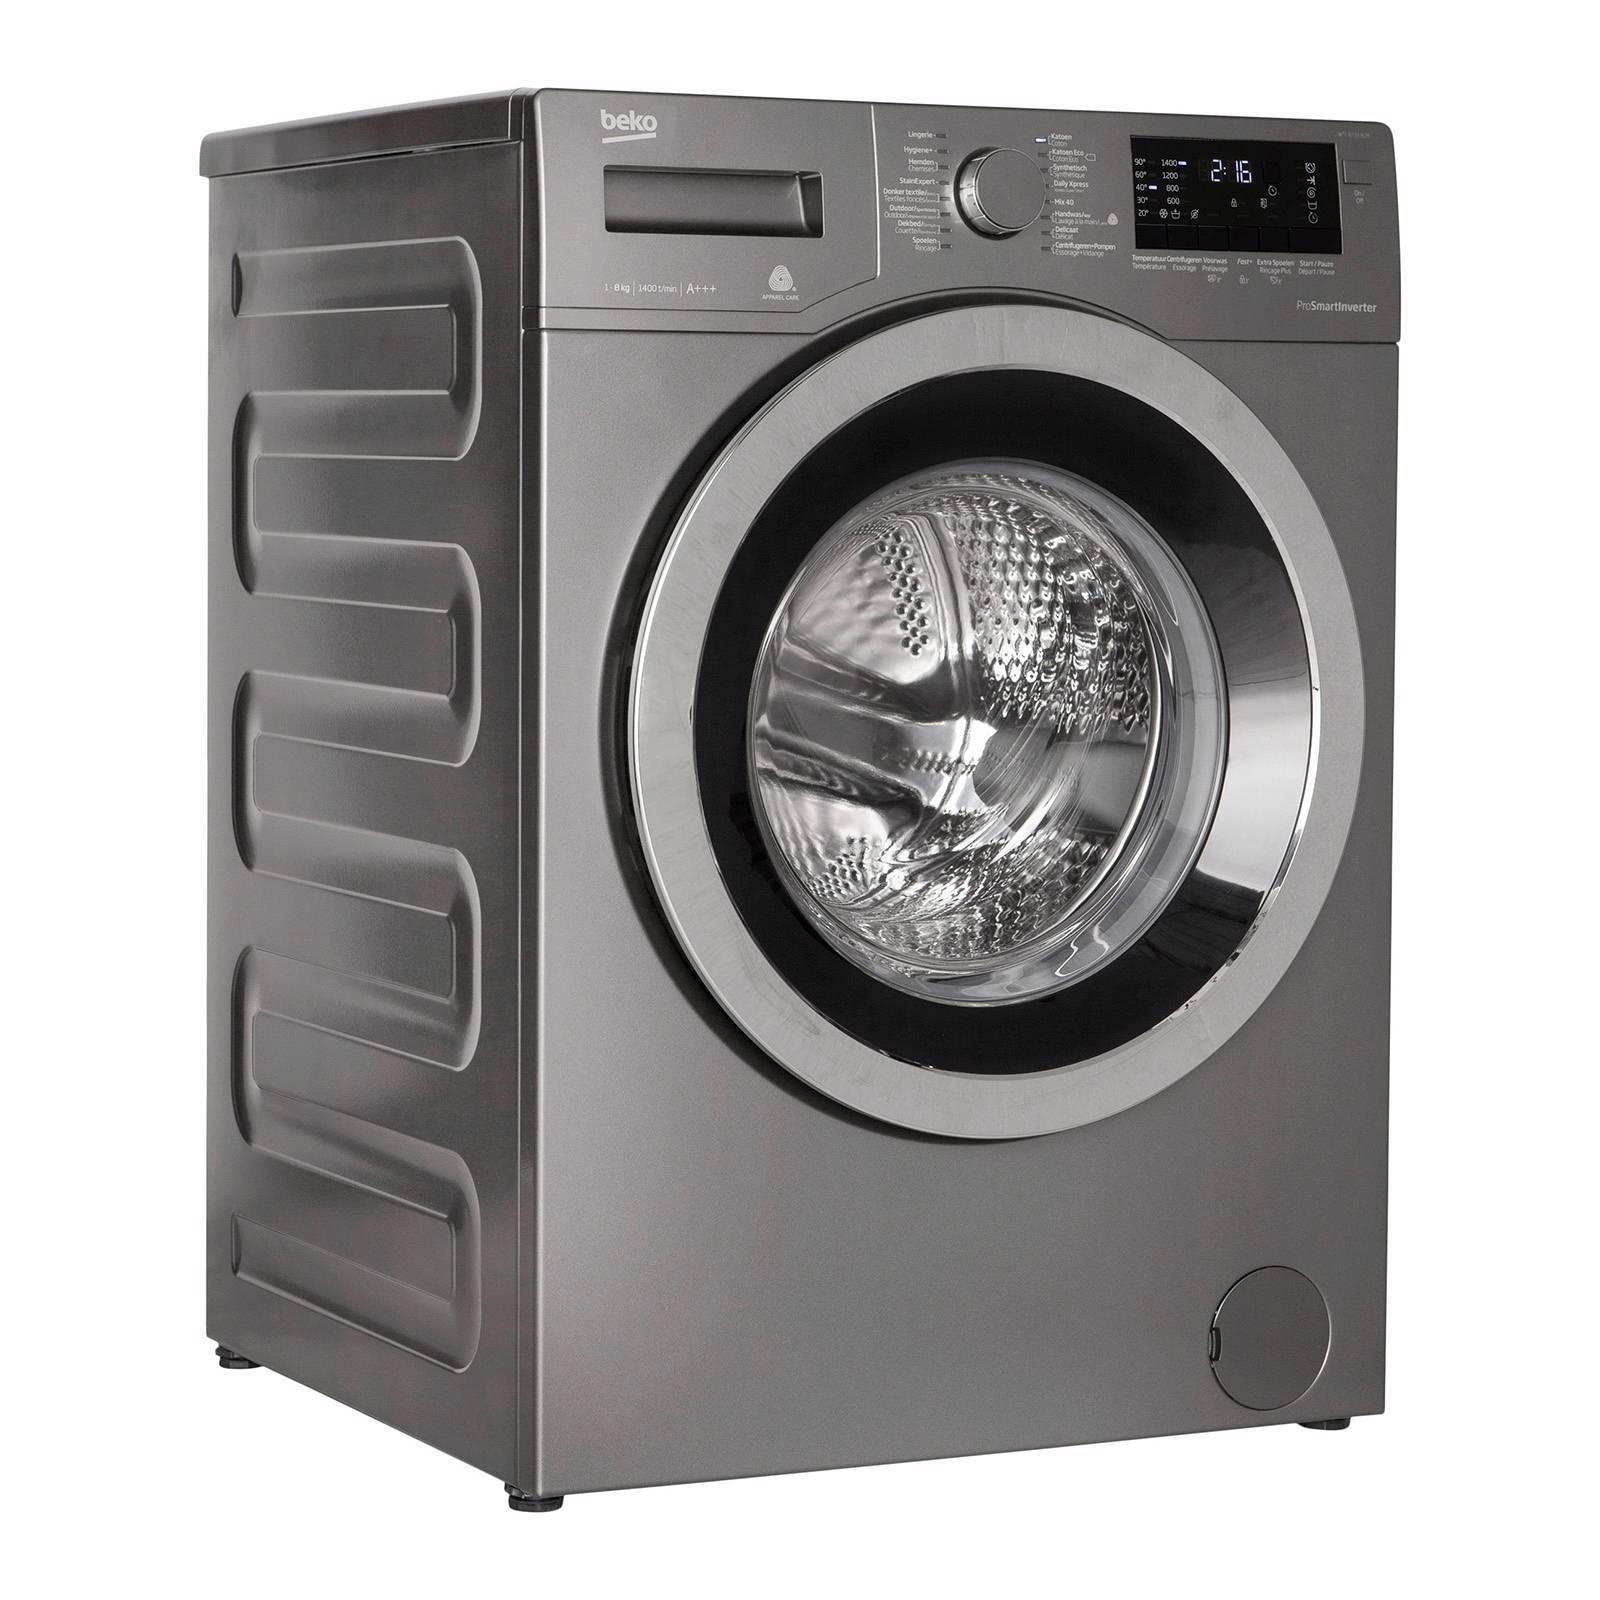 Nieuw Beko WTC8733XCM wasmachine | wehkamp ZW-53